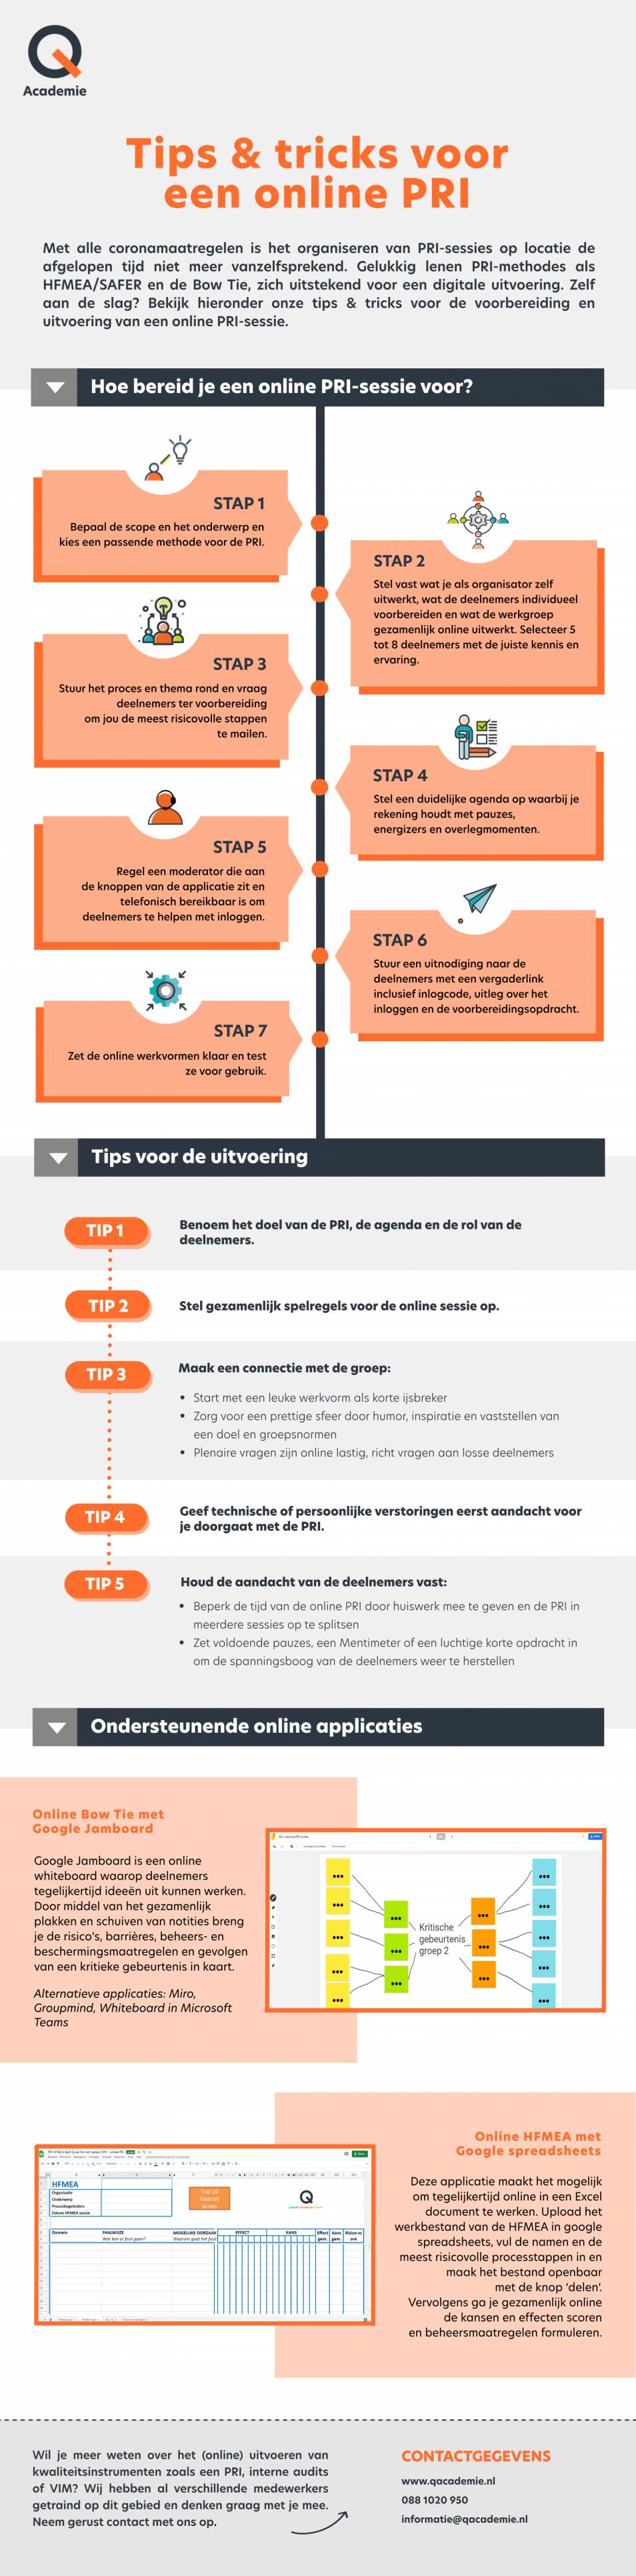 tips voor het uitvoeren van een online PRI, door Q-Academie